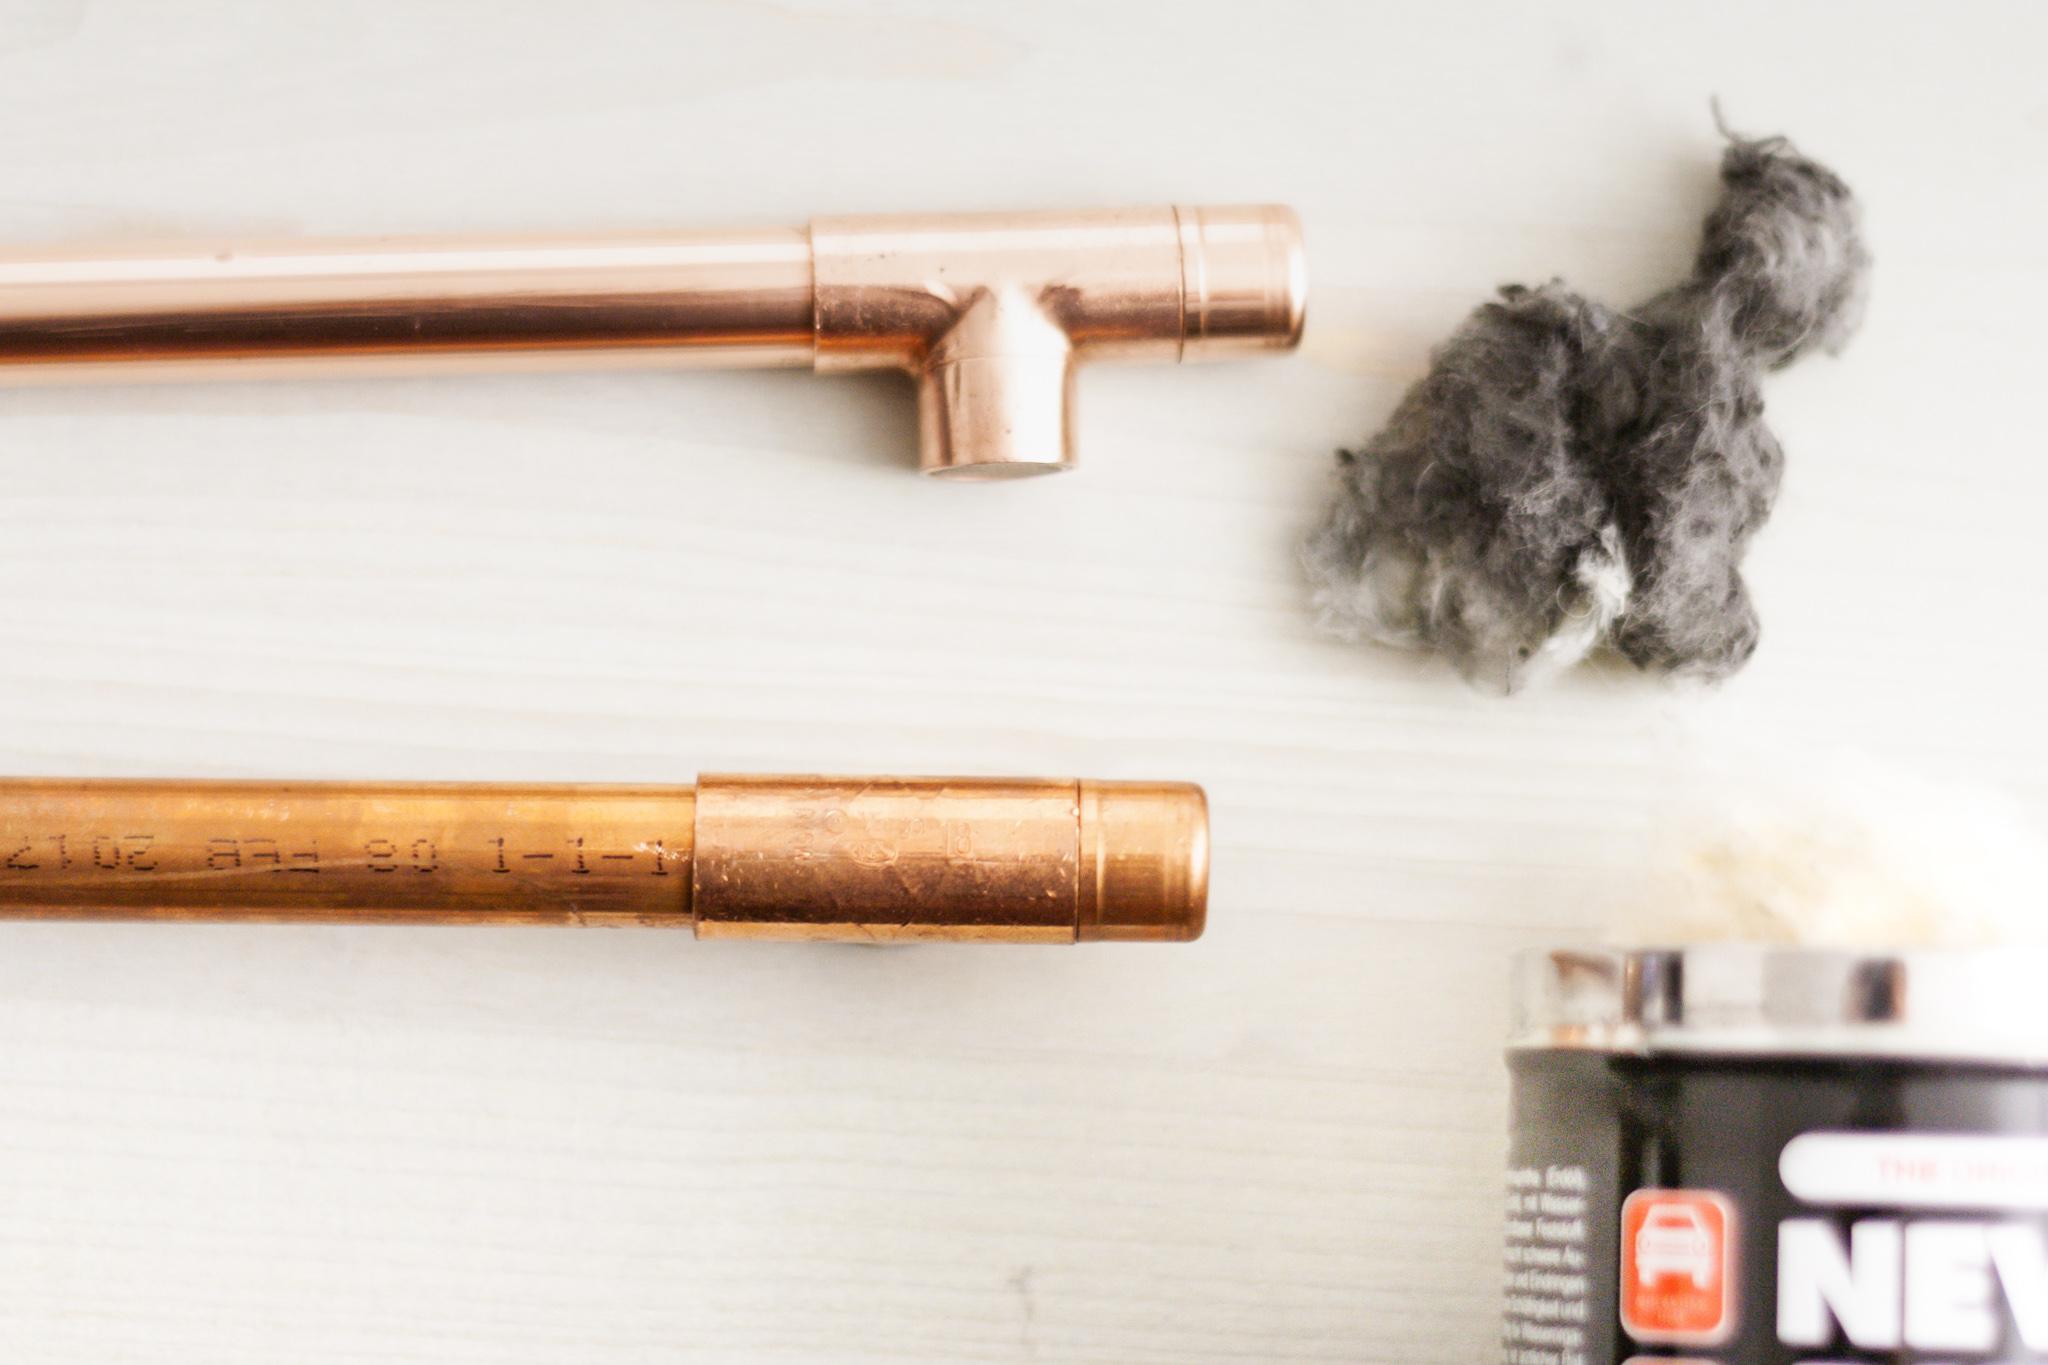 Kupfer Möbelgriffe selber machen aus Kupferrohr. Kupferrohr DIY, DIY Kupferrohr, Möbel Upcycling, Ikea Hack, Ikea Hemnes Kommode umgestalten, Möbel selber bauen, kostenlose Anleitung, Step by Step